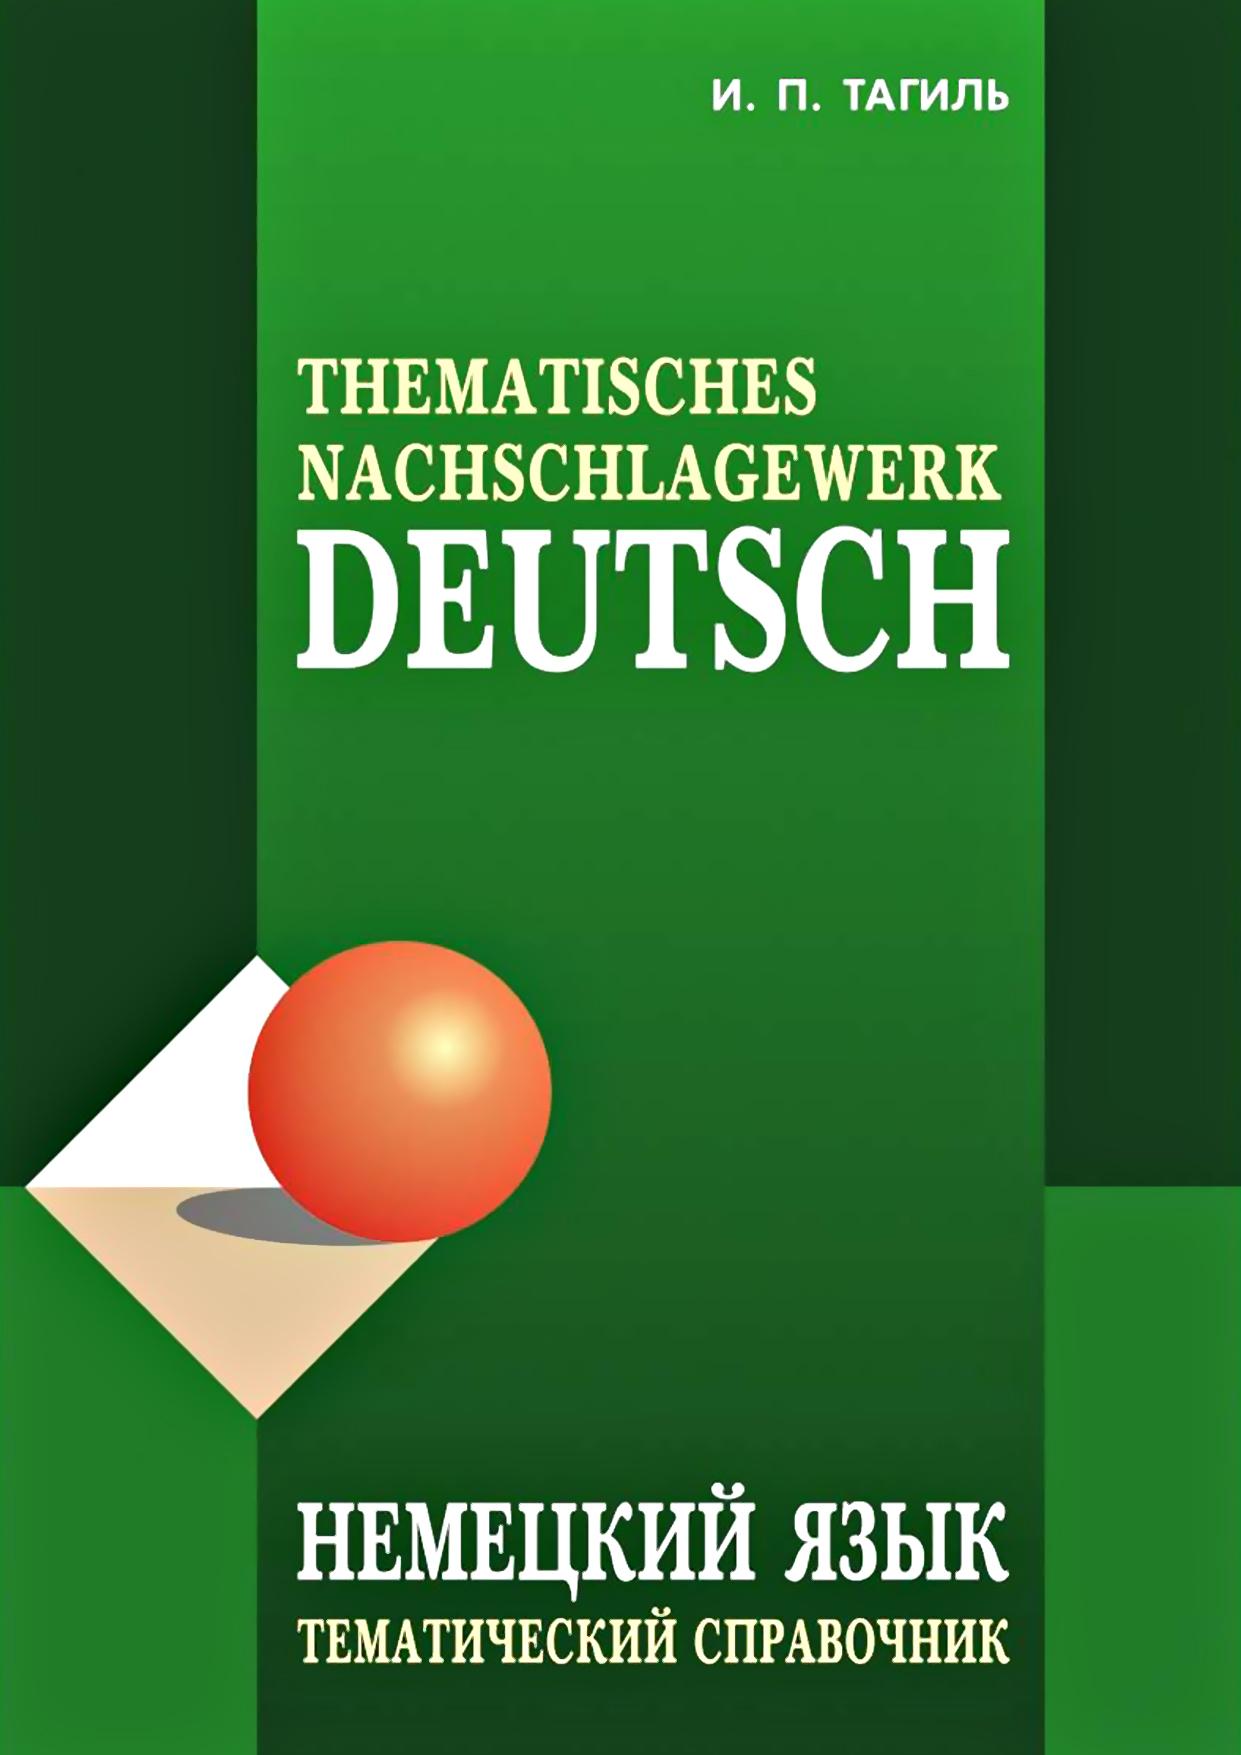 Немецкий язык. Тематический справочник \/ Deutsch: Thematisches Nachschlagewerk